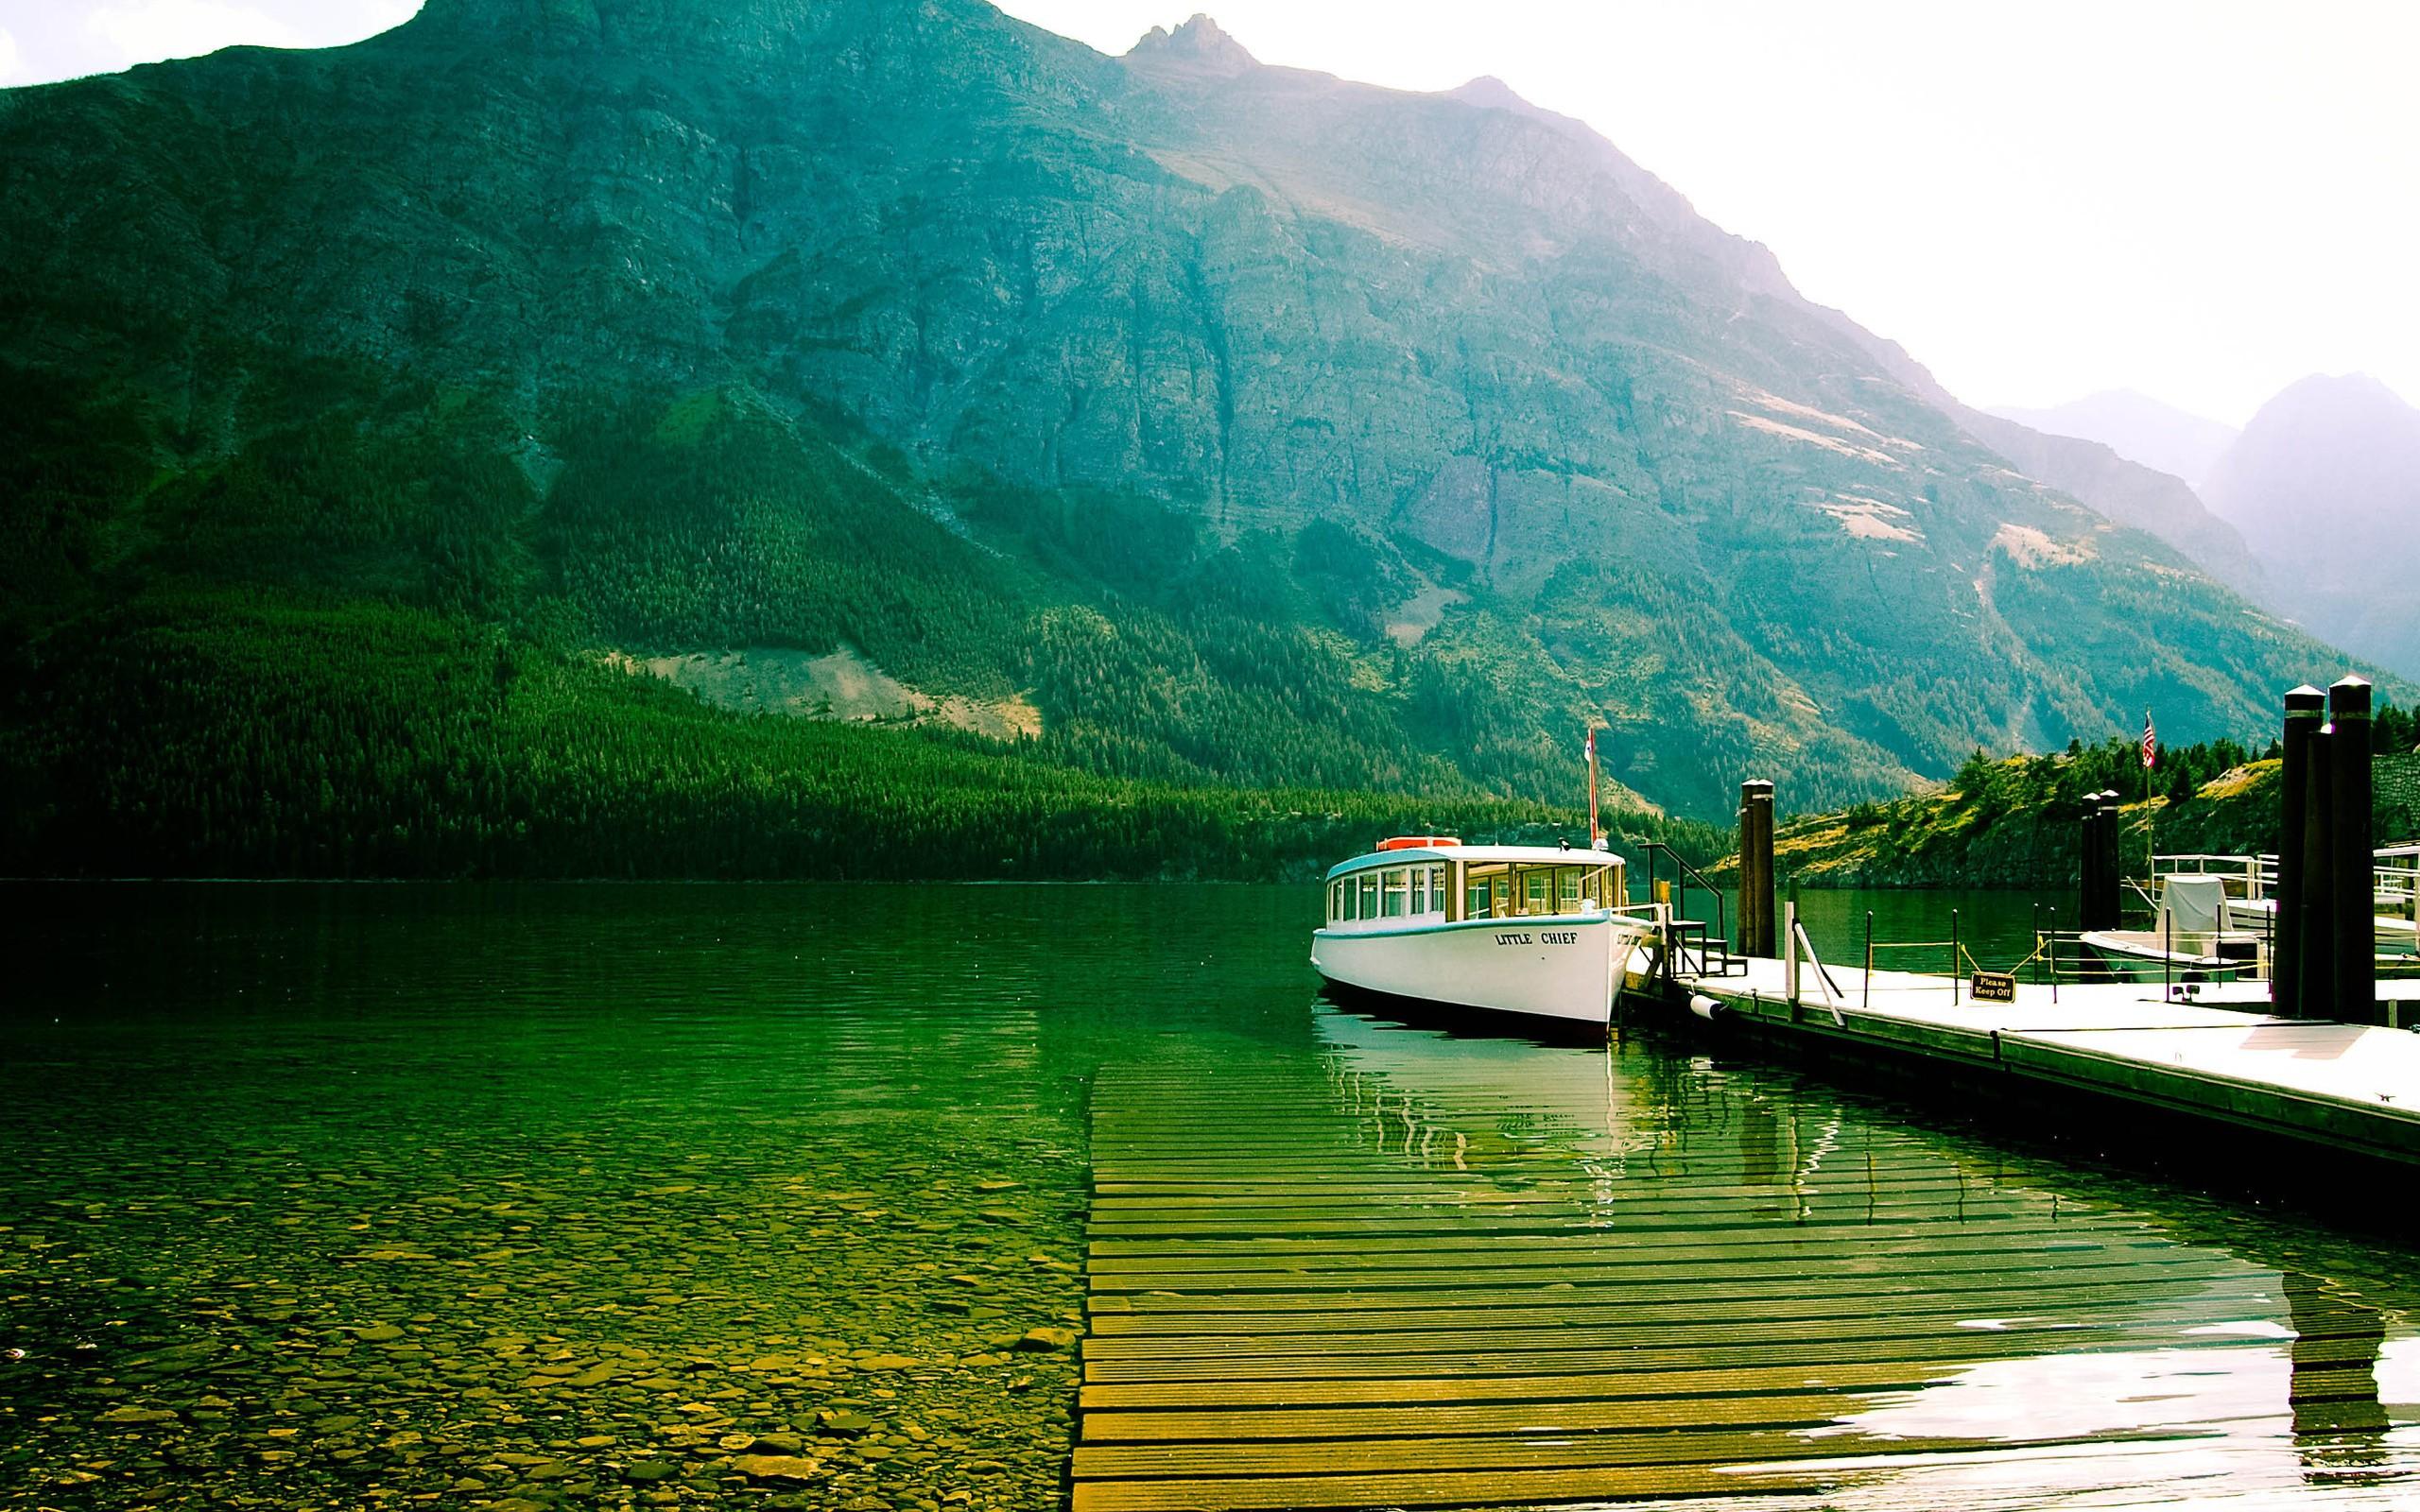 На лодке в горном озере  № 3062416 бесплатно